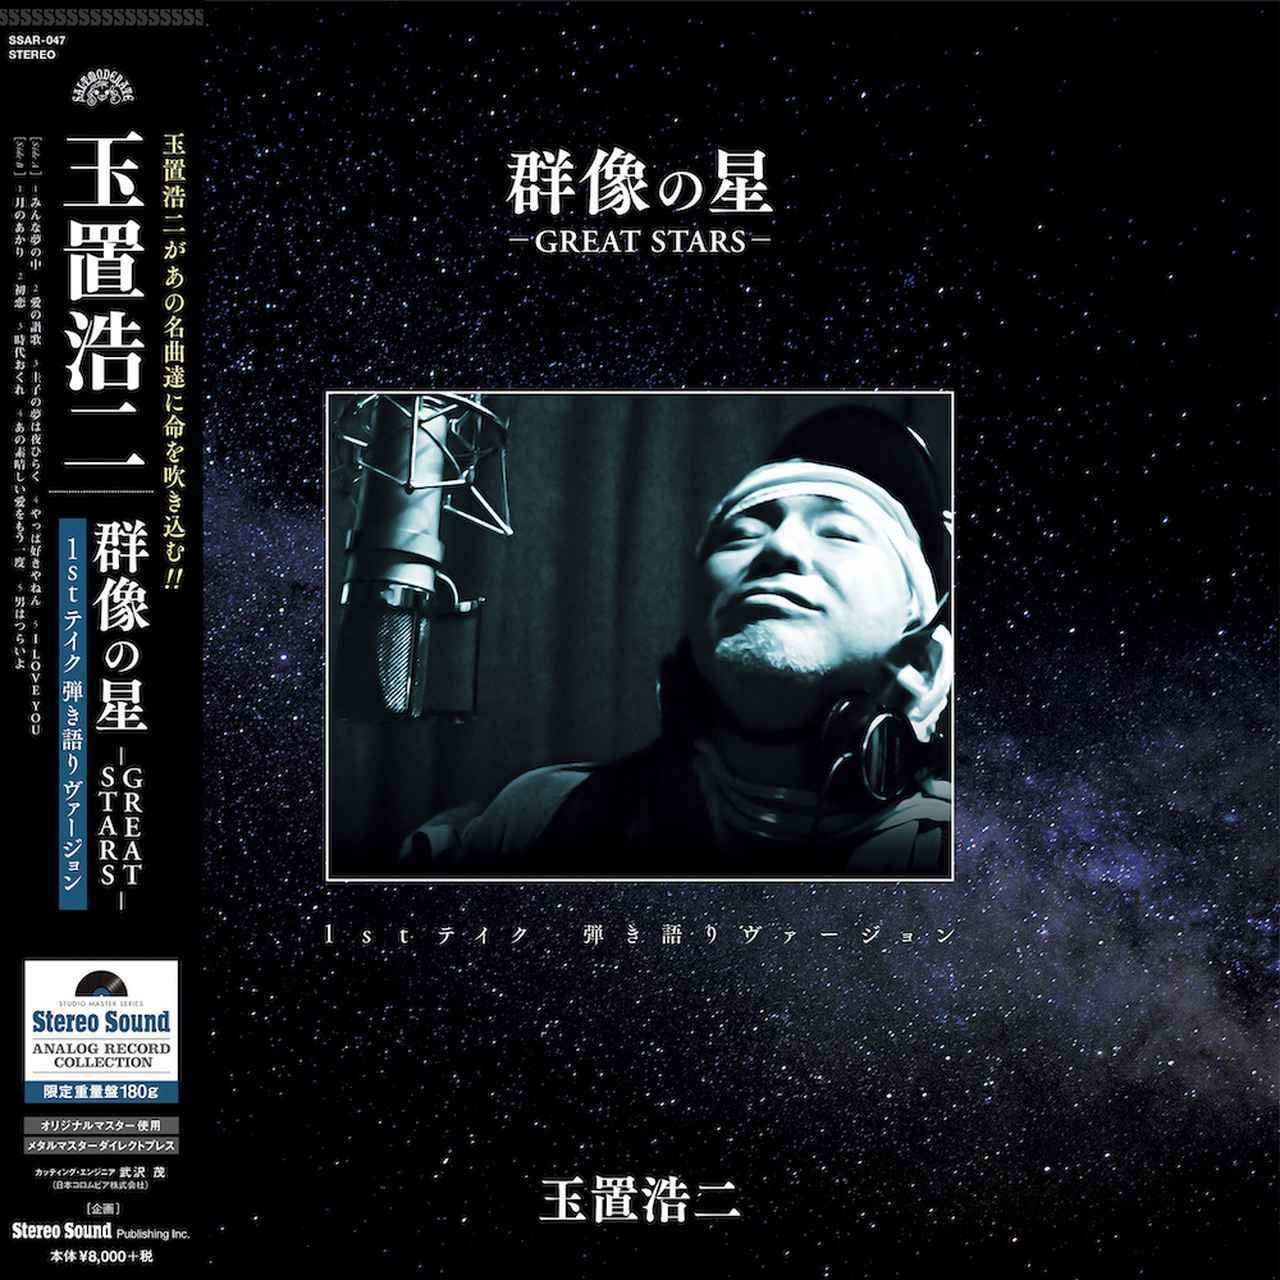 画像: 玉置浩二「群像の星」- GREAT STARS - 1stテイク弾き語りヴァージョン。こだわりのアナログ盤、7月発売決定! - Stereo Sound ONLINE